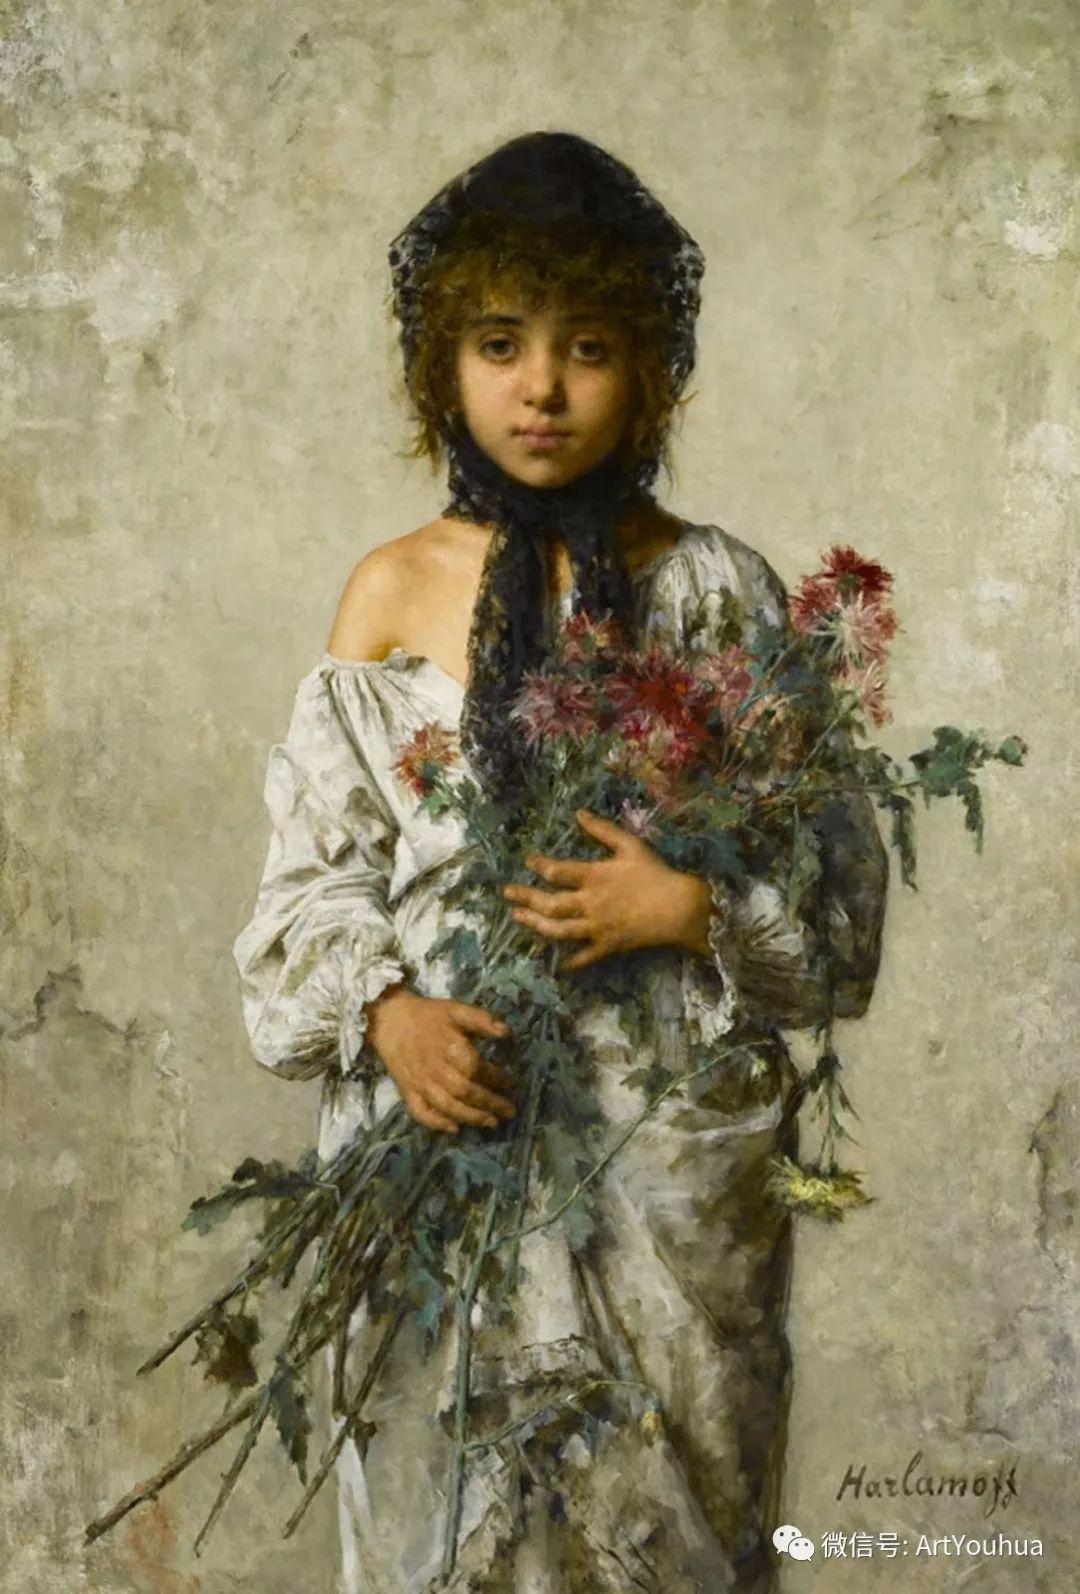 纯真少女与鲜花 美好生命的象征插图17